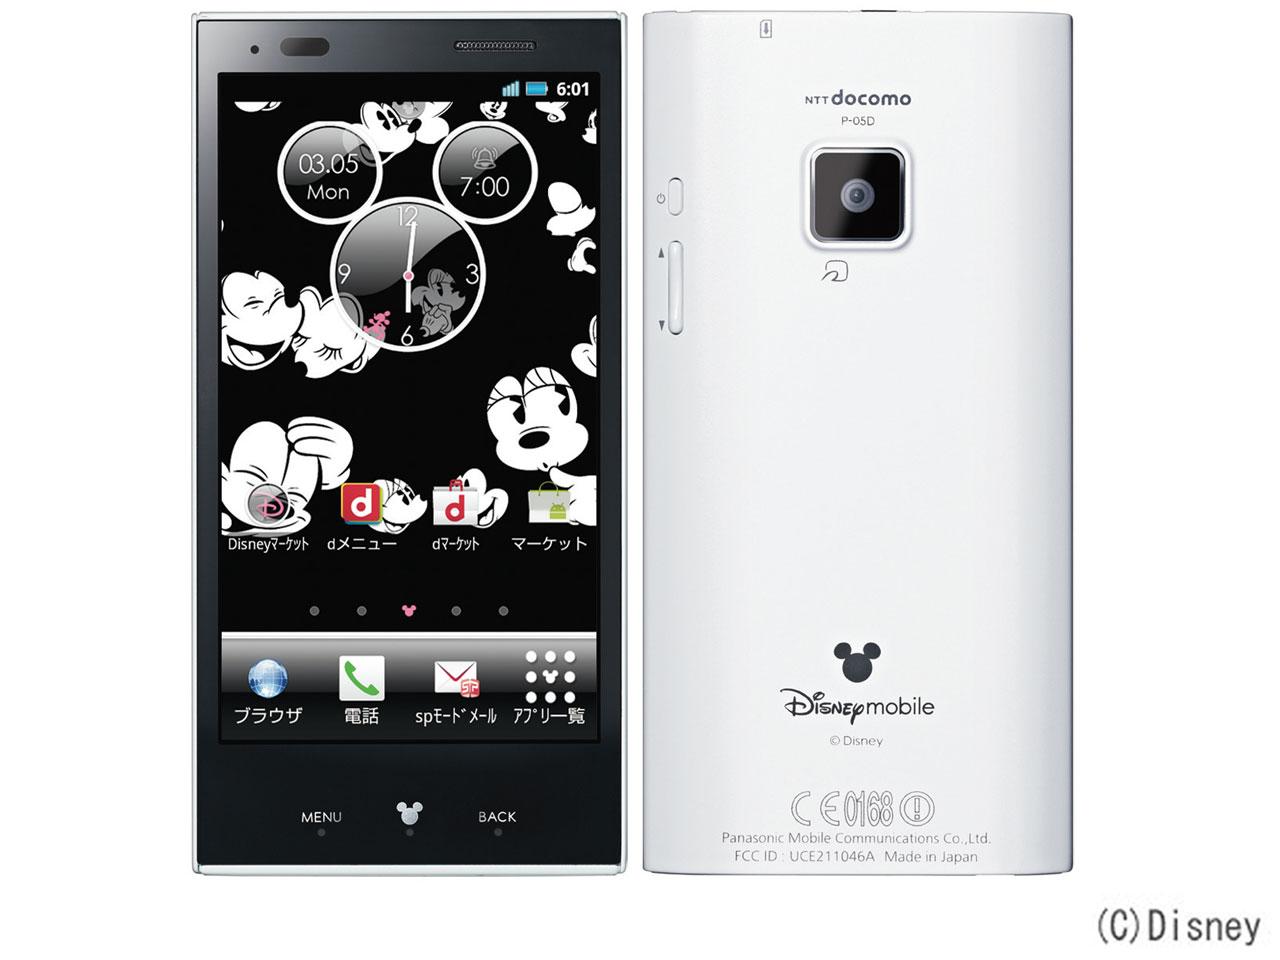 [中古 Cランク] docomo Disney Mobile P-05D ホワイト 本体のみ【送料無料】【エコモ】